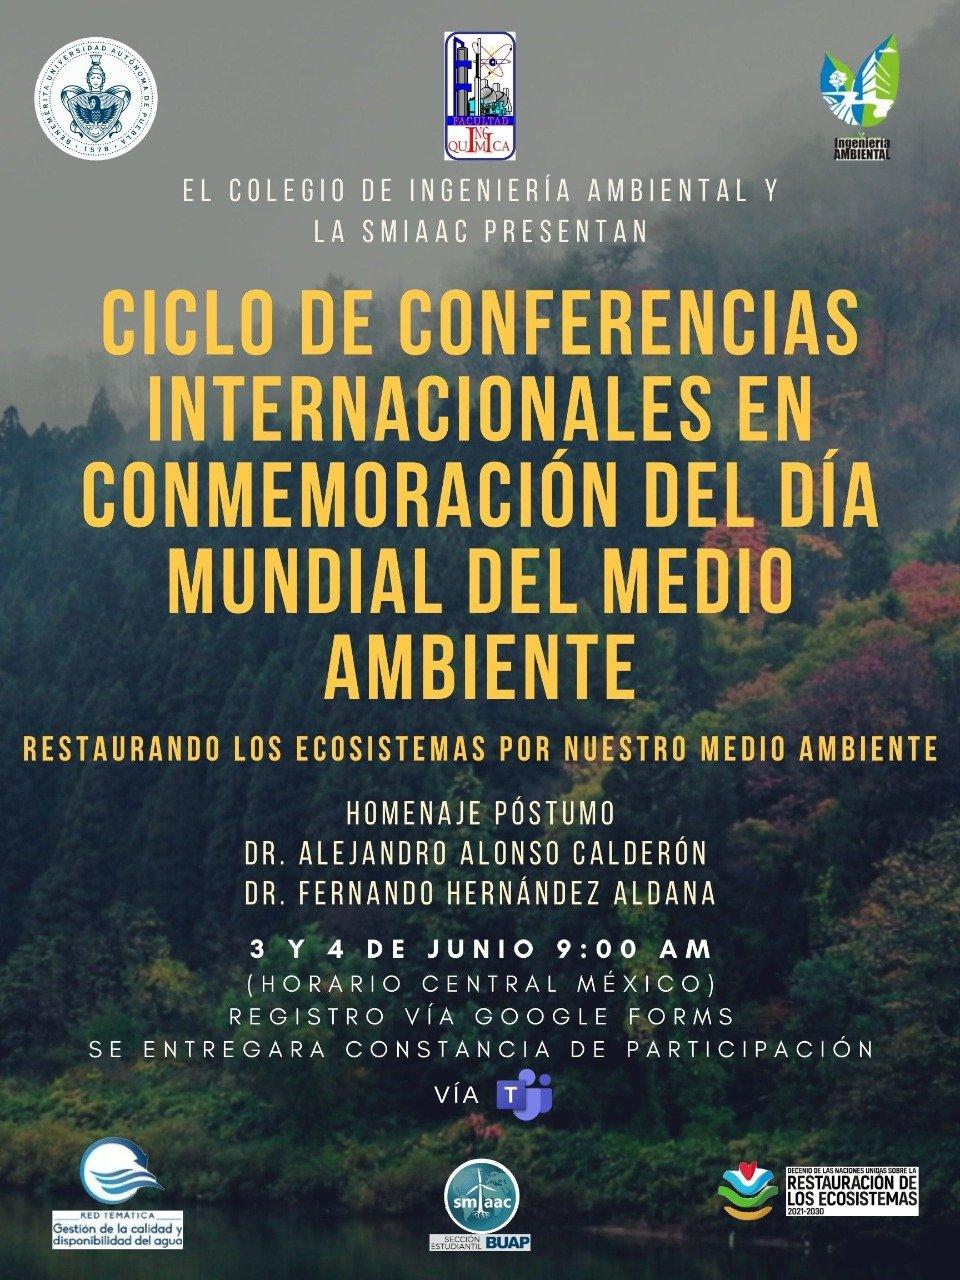 Ciclo de Conferencias Internacionales Día Mundial del Medio Ambiente (México). 3 y 4 de junio de 2021